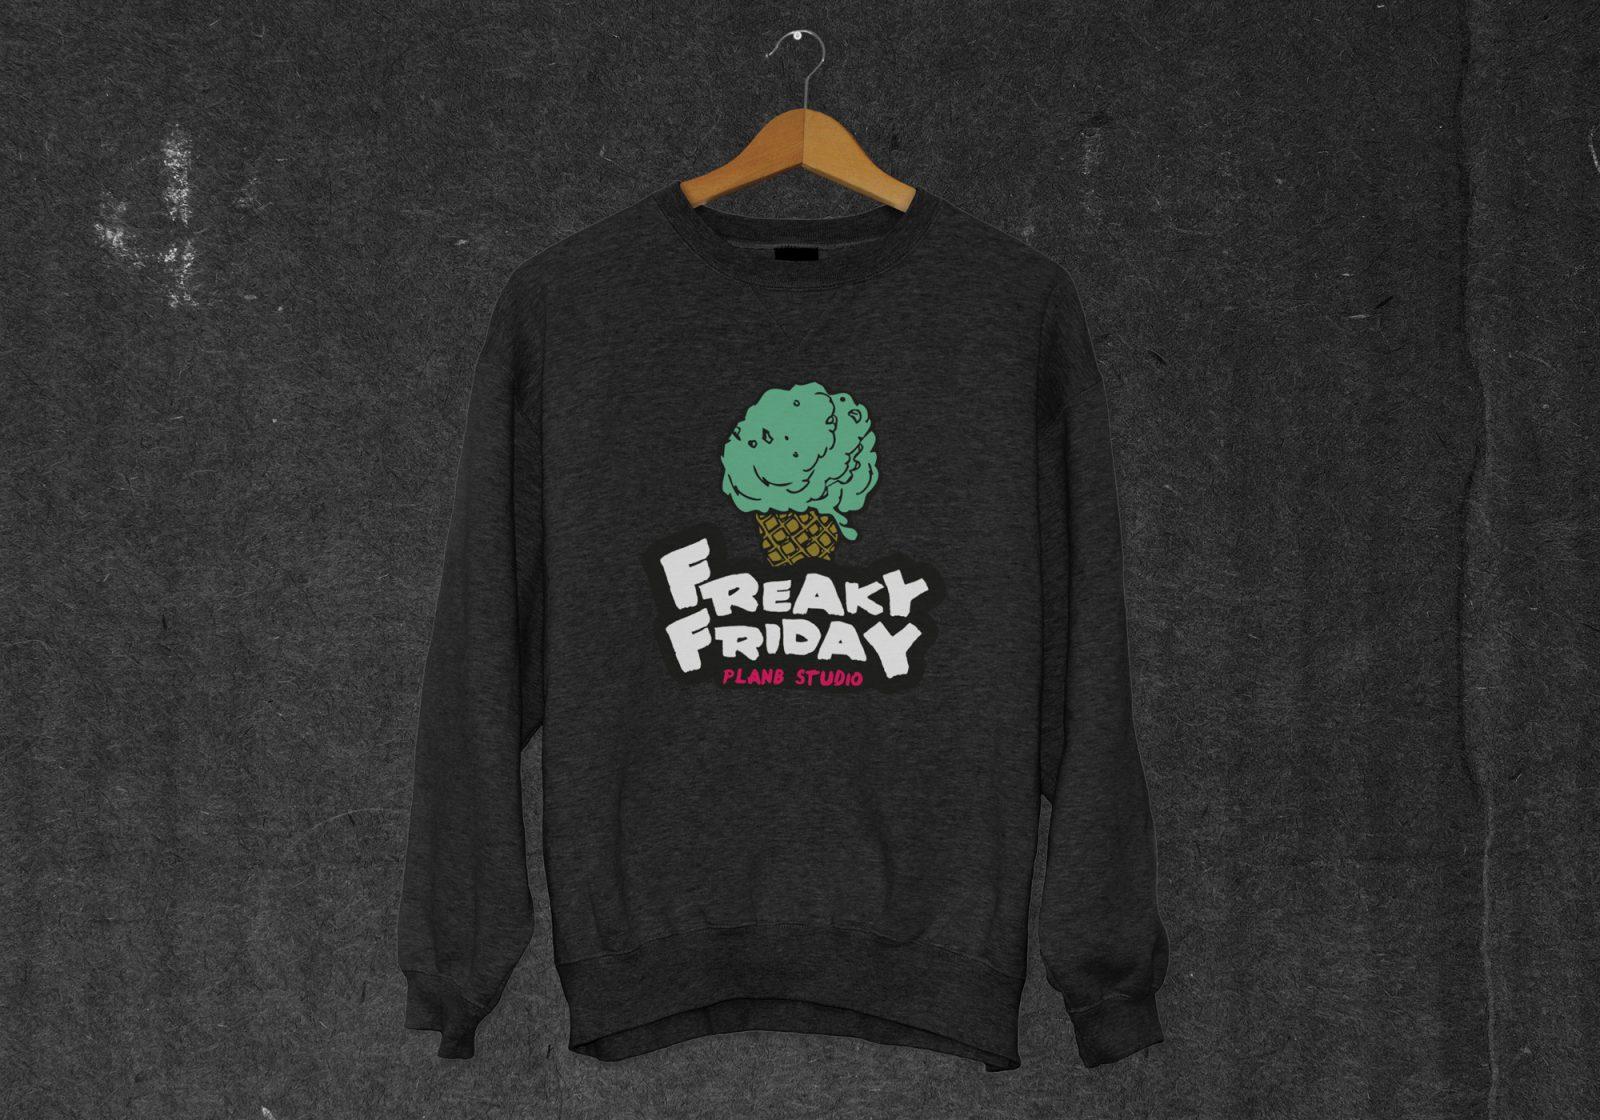 planb-studio-hiphop-freestyle-gland-graphiste-geneve-graphiste-lausanne-graphiste-freelance-montage-fred-muller-fredmuller-graphiste-independant-tshirt-logo-3